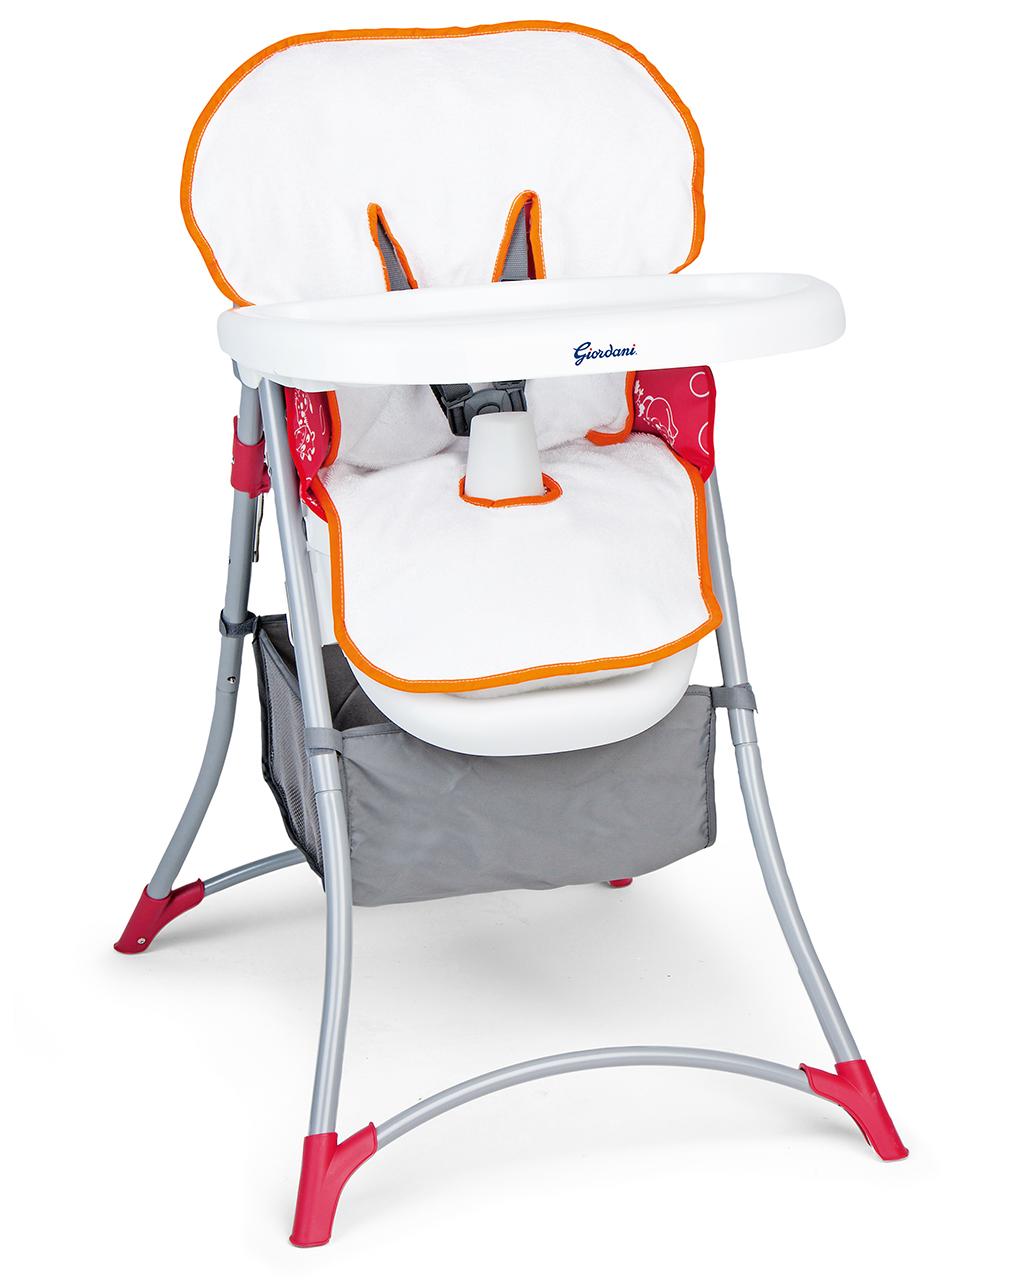 Capa para cadeira alta em esponja com rebordo laranja - Giordani